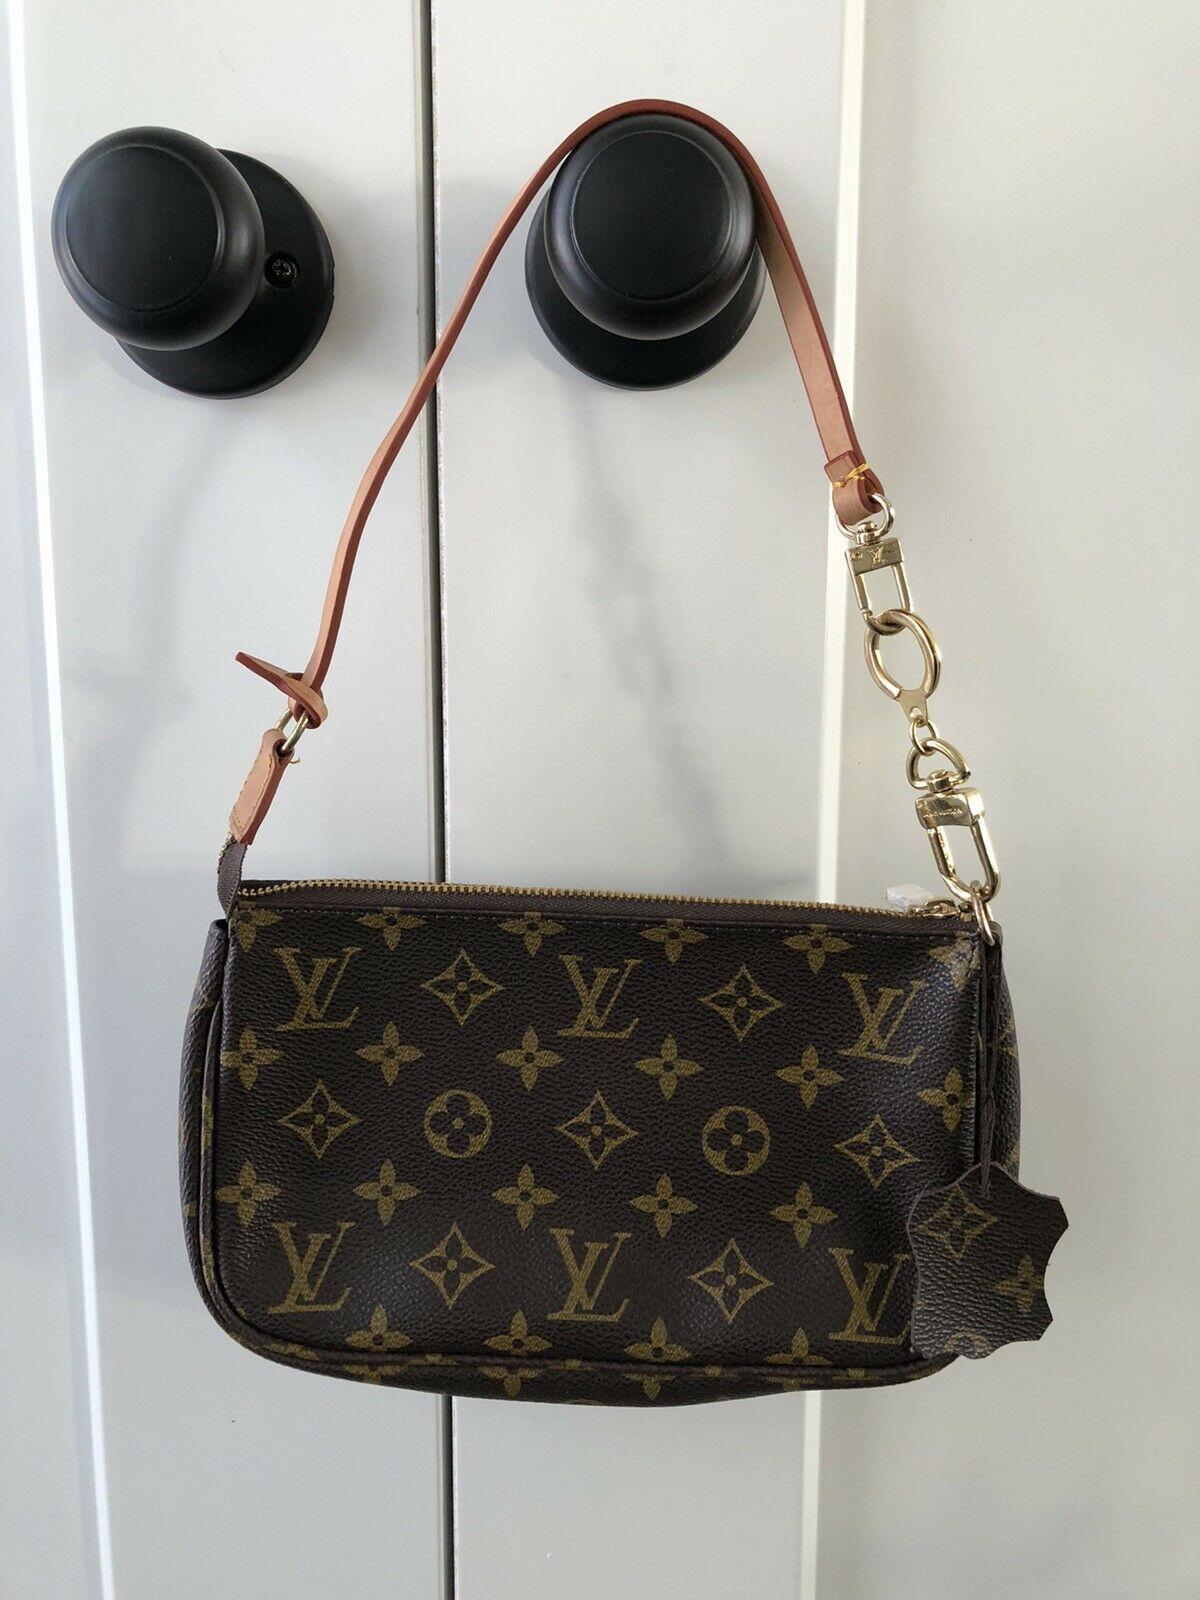 Louis vuitton handbag in 2020 louis vuitton small